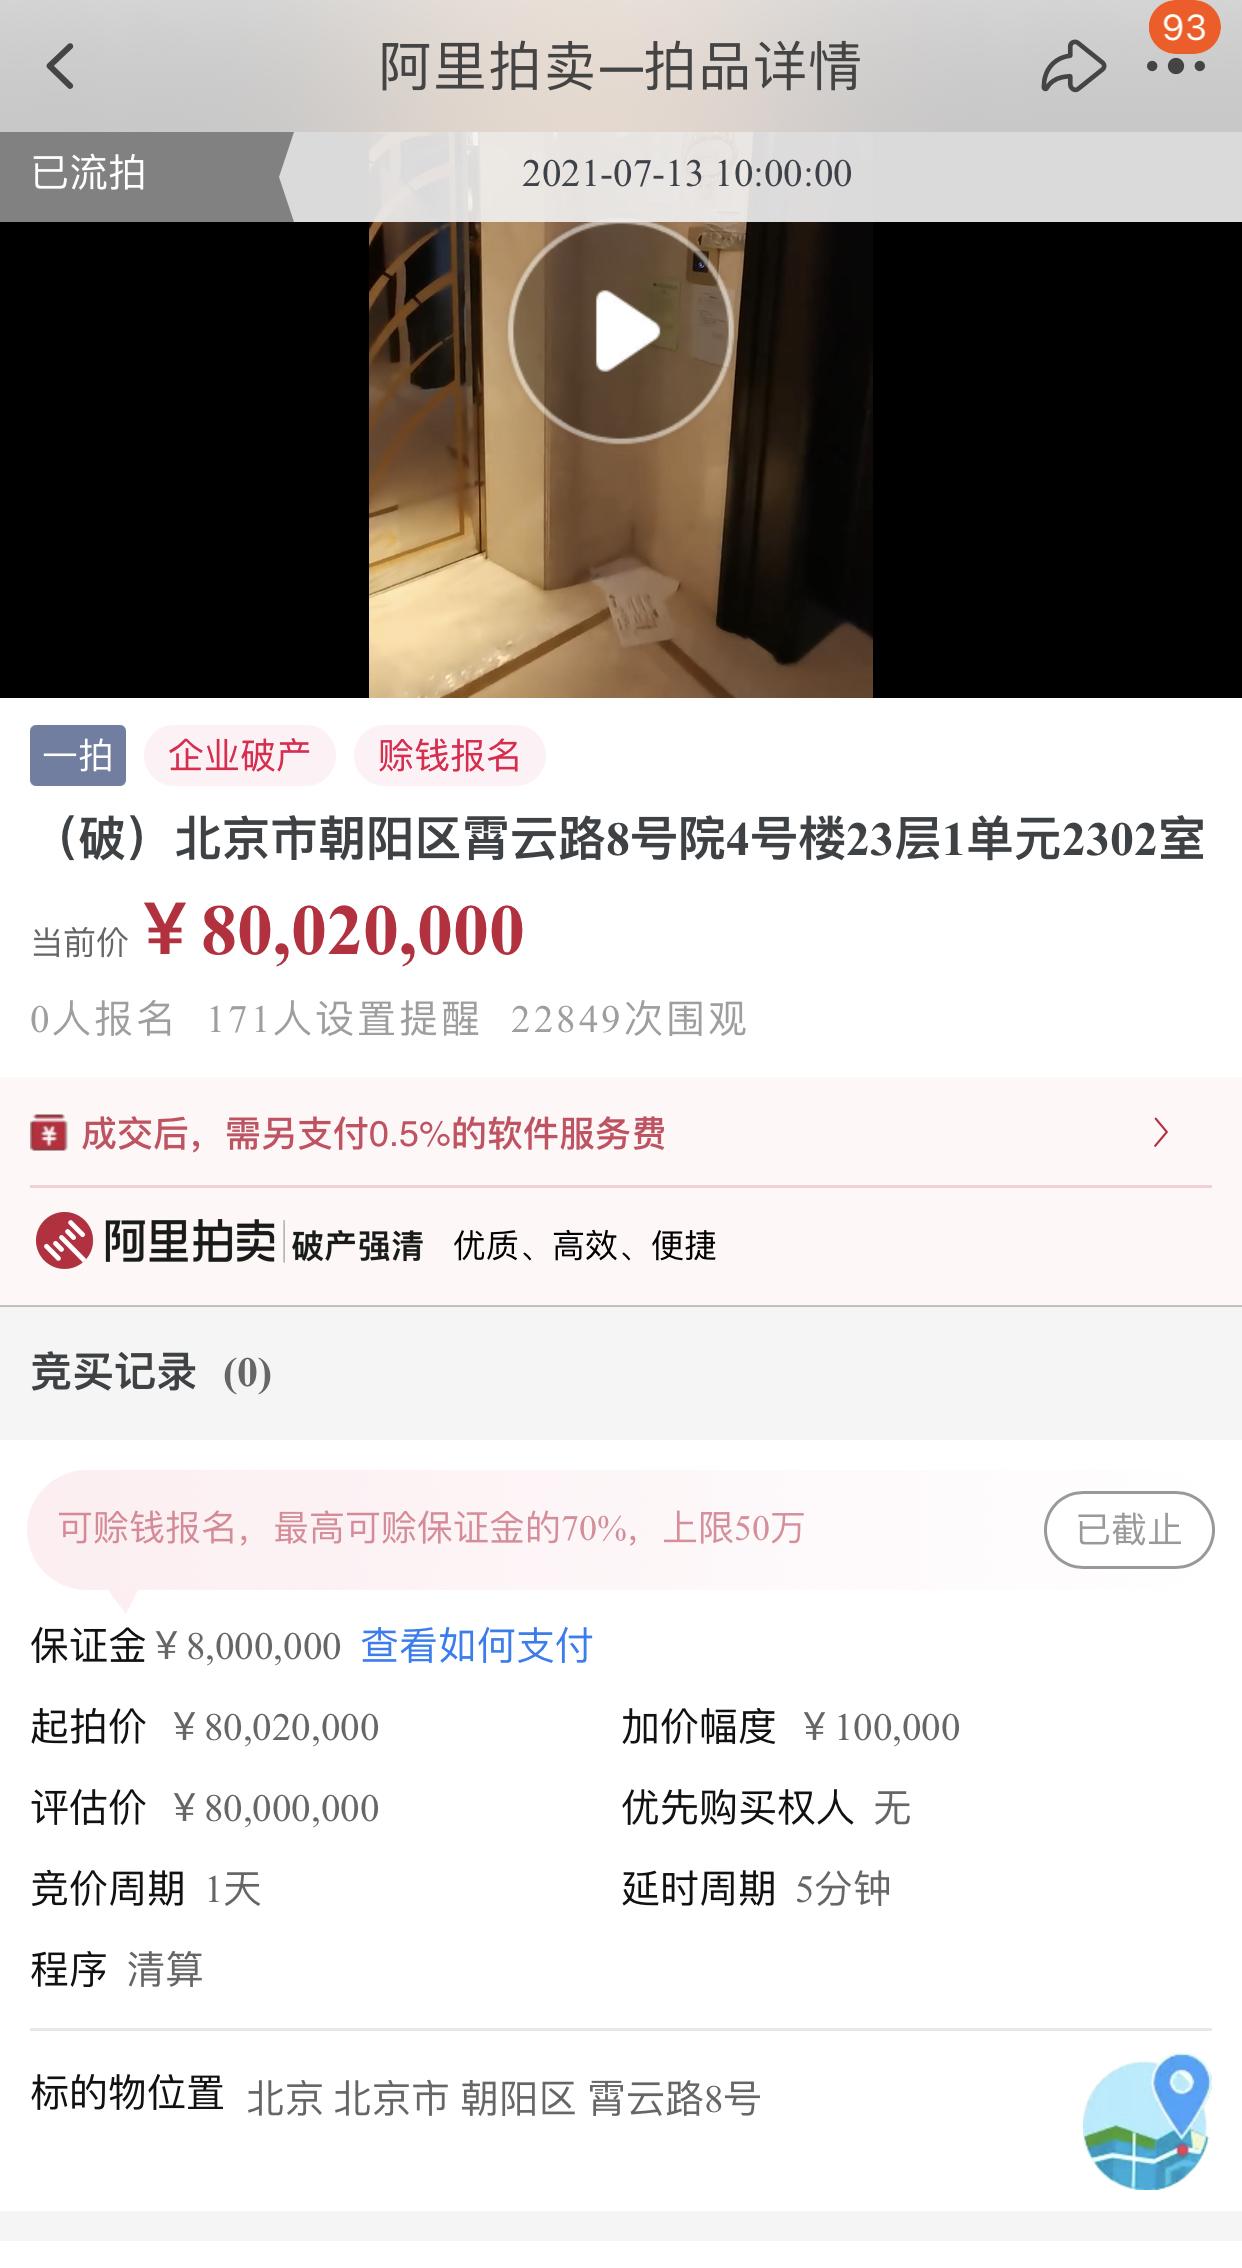 传奇富商叶简明败退,名下北京两套8000万豪宅叫卖